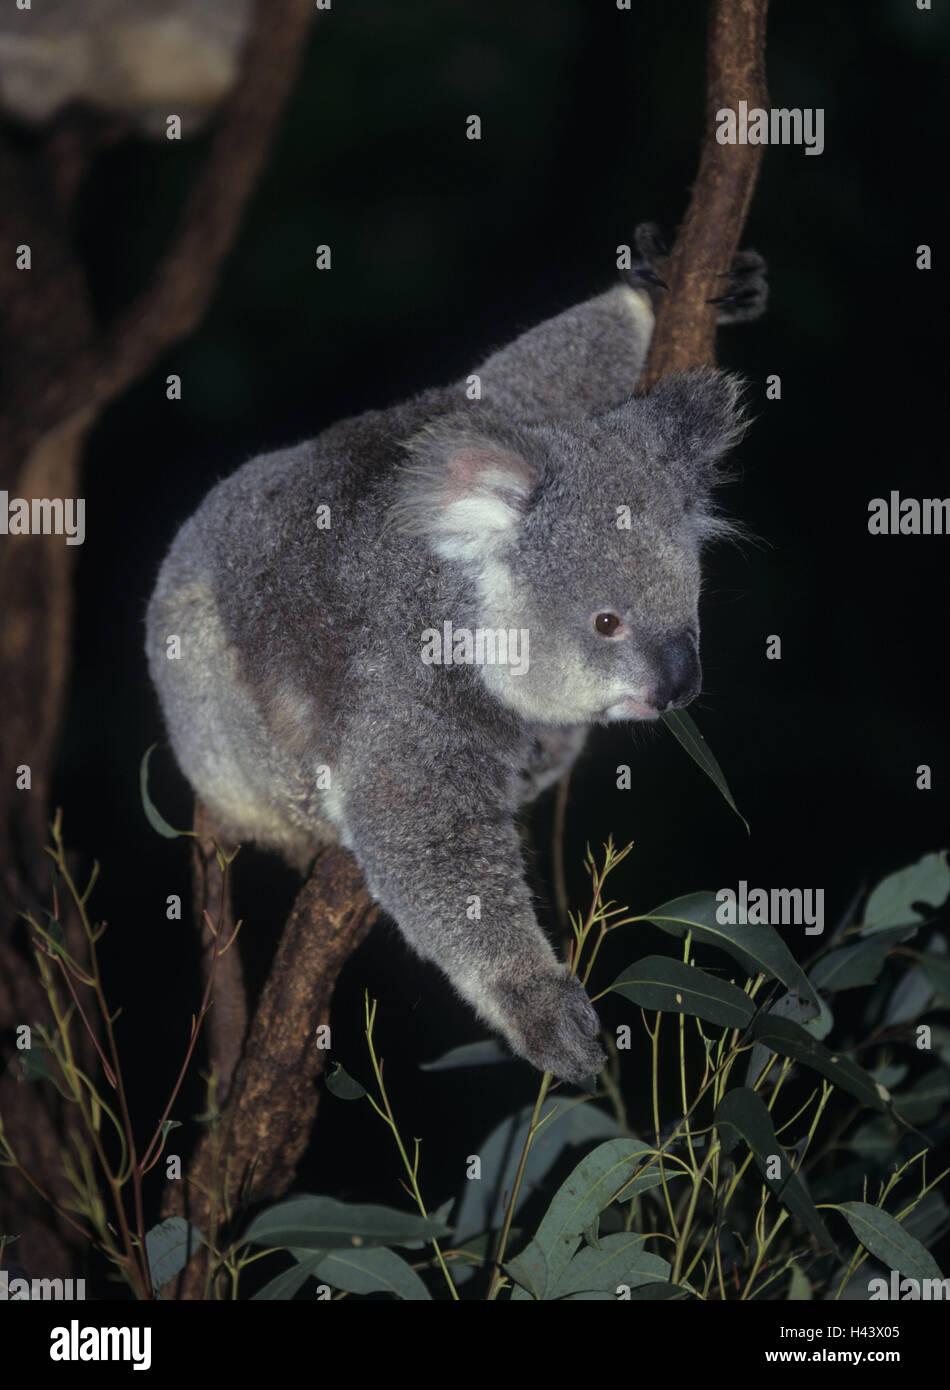 Direction générale, koala, Phascolarctos cinereus, manger, de l'Australie, le monde animal, la faune, Photo Stock